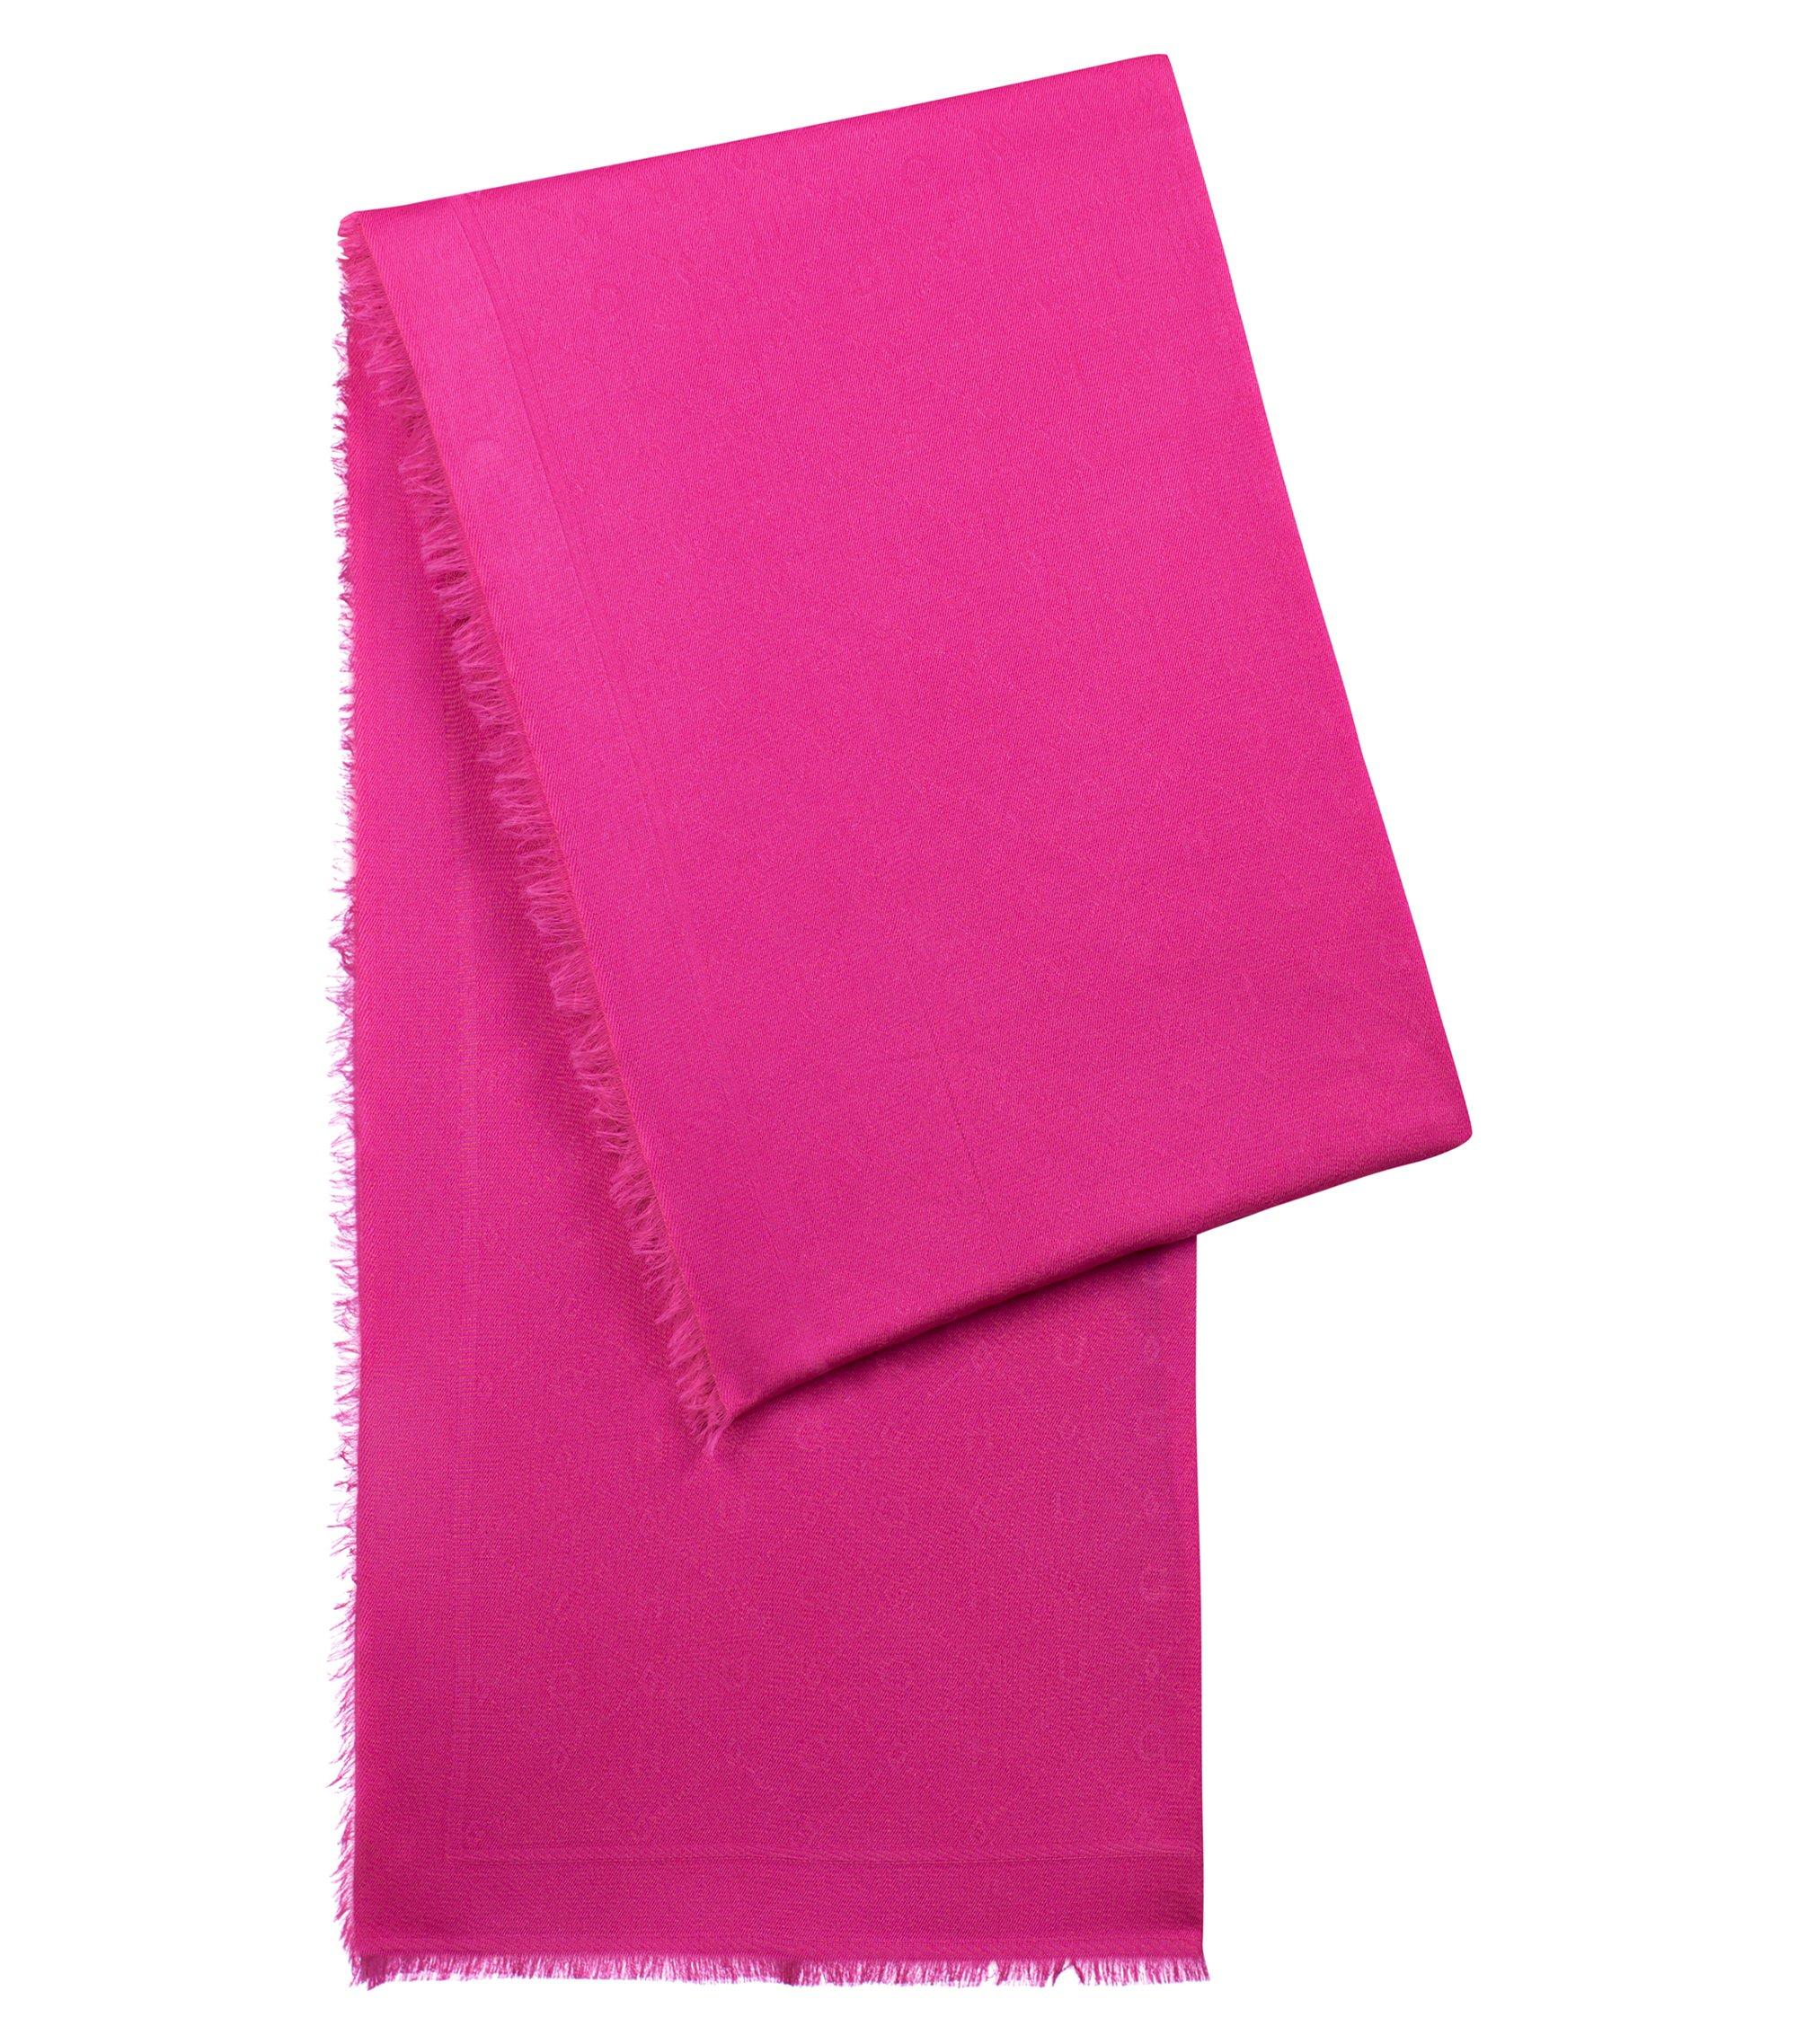 Jacquard-Schal mit Ton in Ton gehaltenem Logo-Muster, Pink